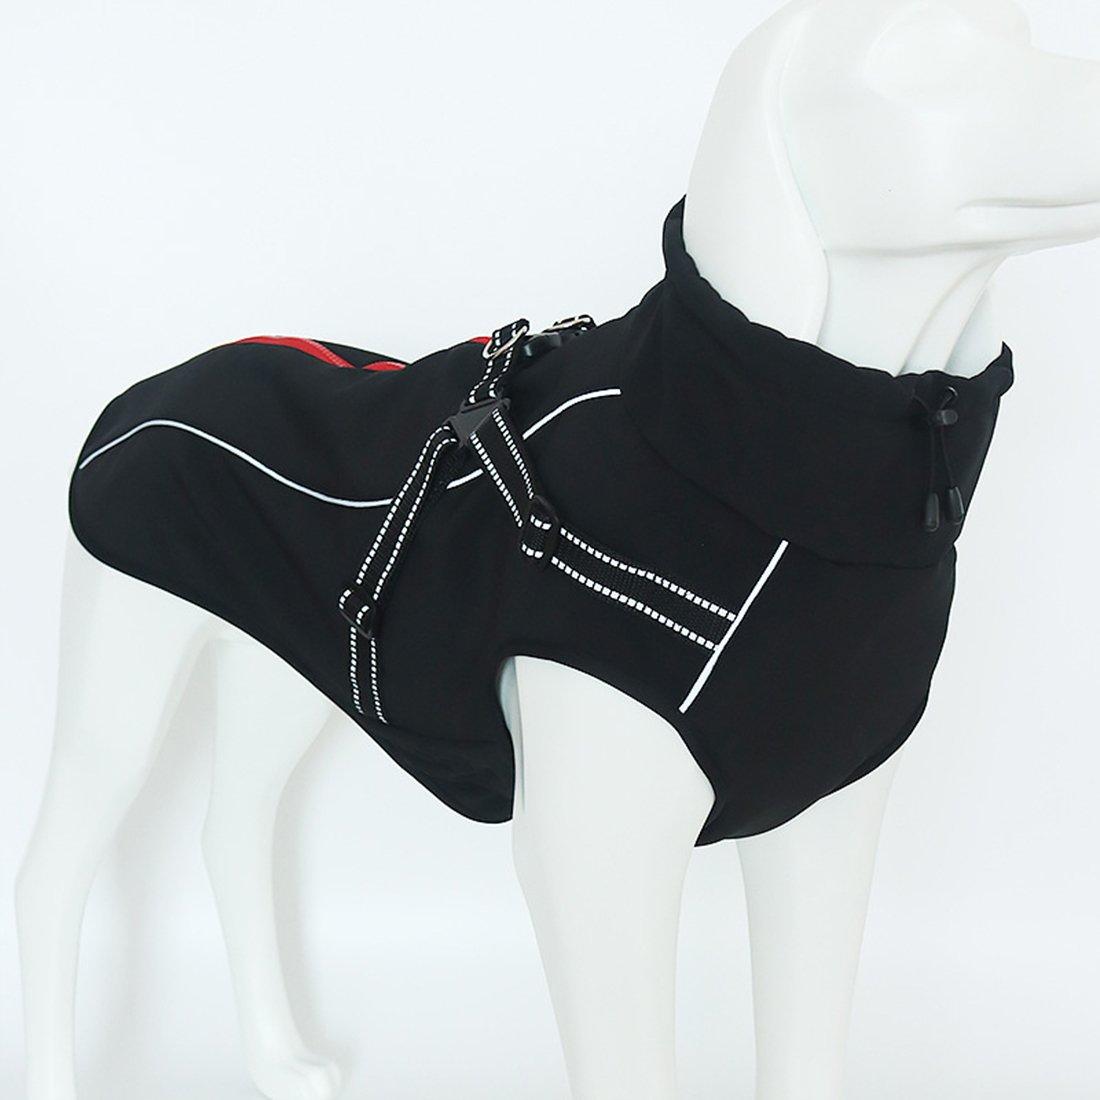 GWELL Manteau Imperméable Polaire pour Chien Manteau d'hiver Automne Printemps avec Anneau en Forme de D Noir L